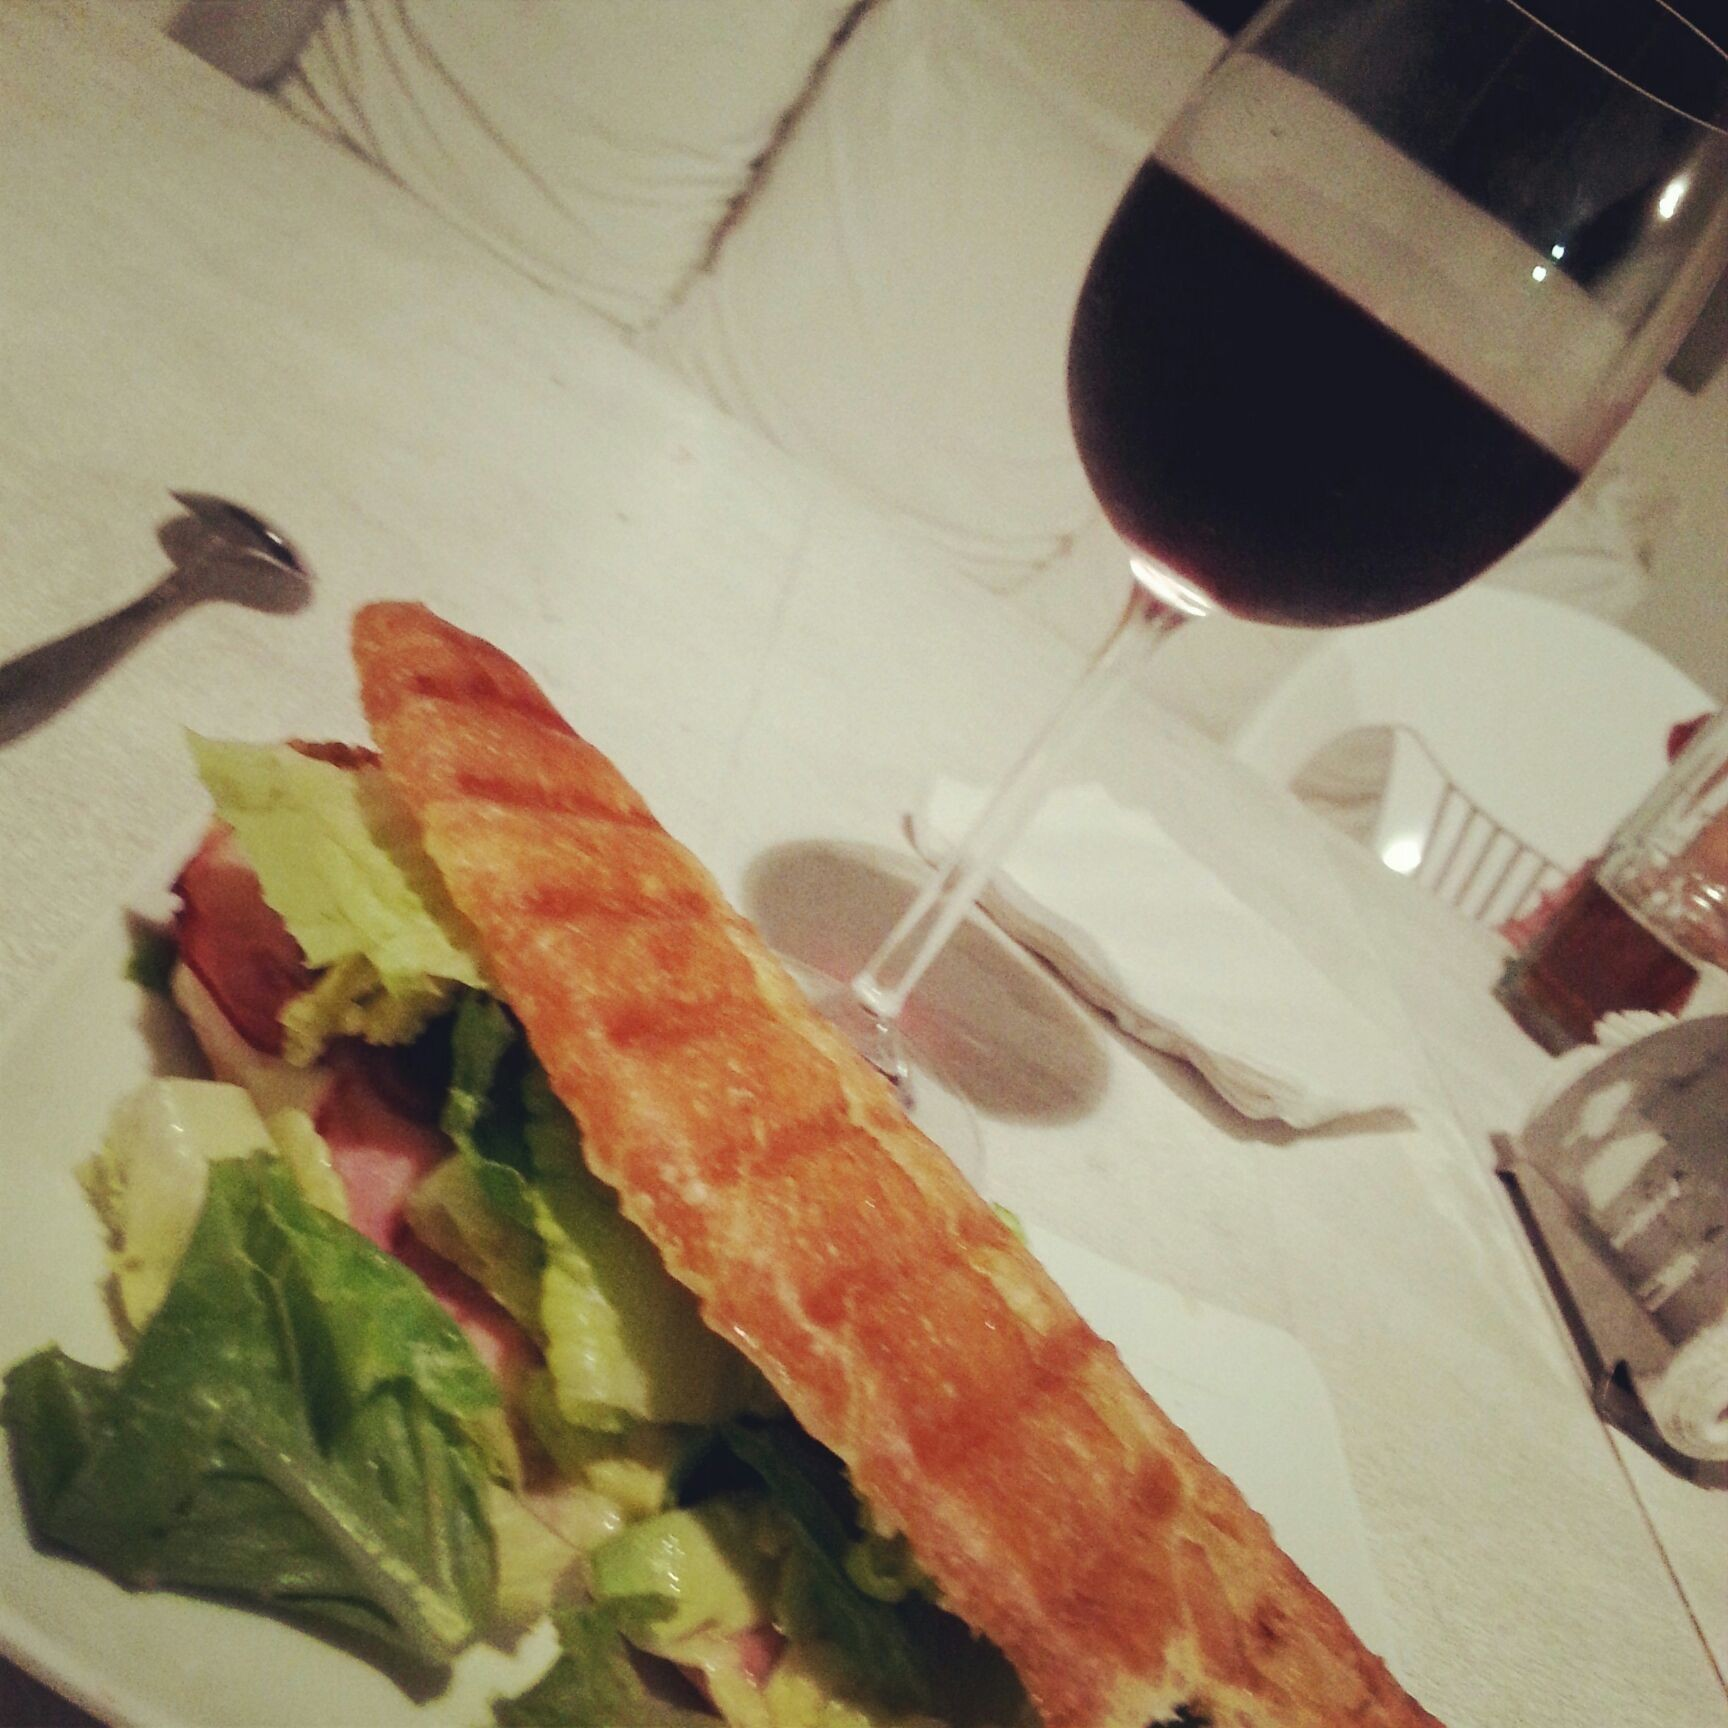 what a panini #paris #receipe #foodporn